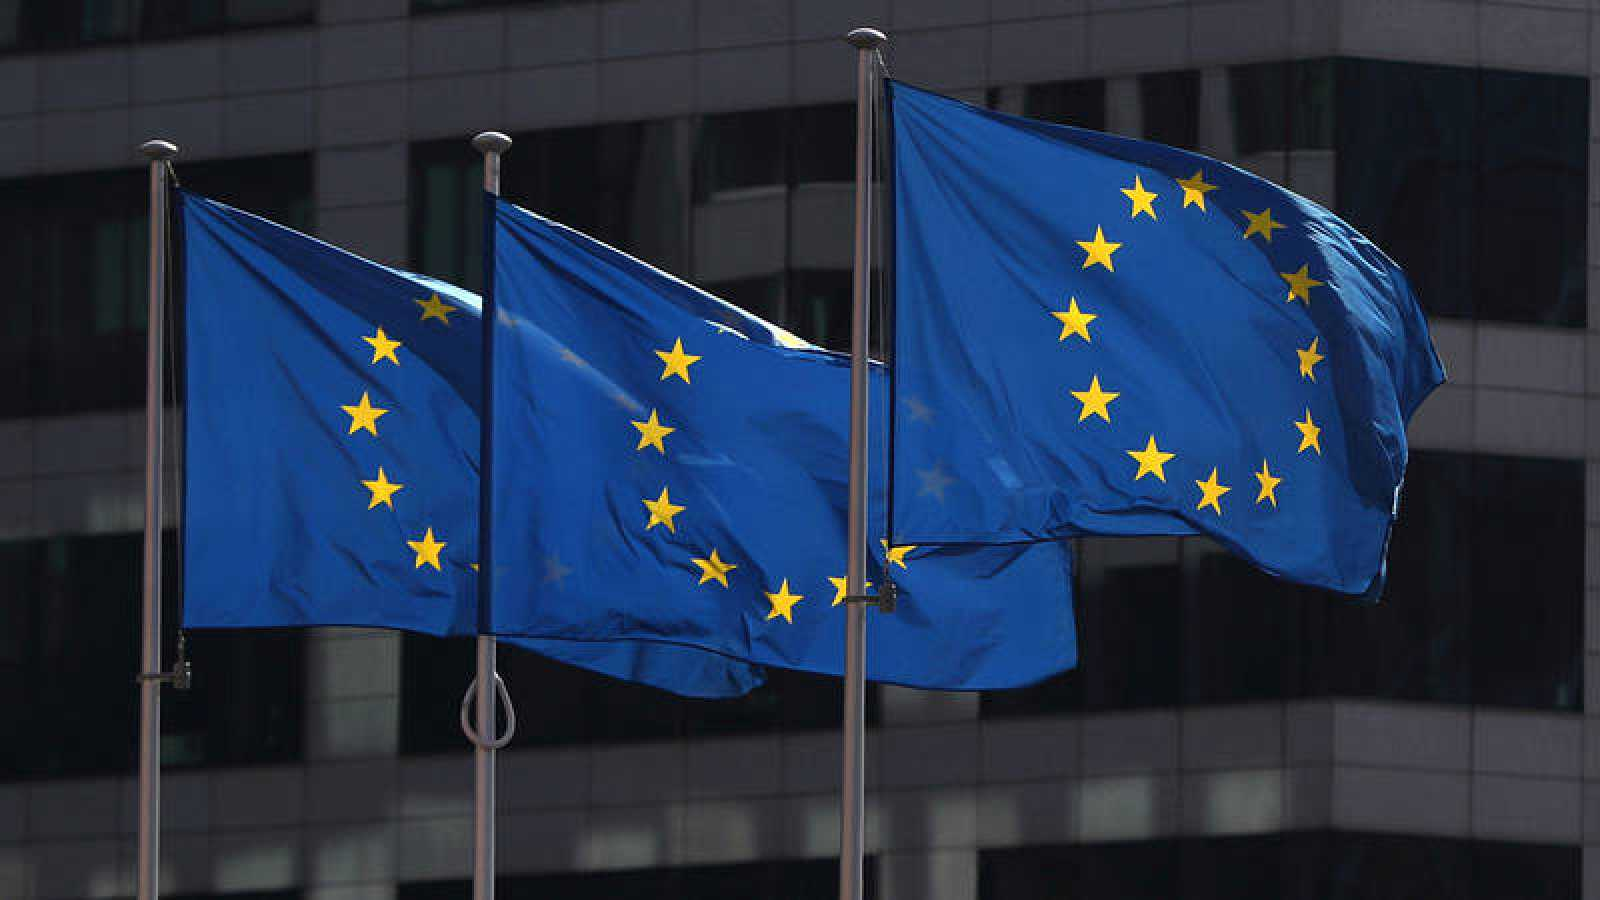 Banderas de la Unión frente a la sede de la Comisión Europea